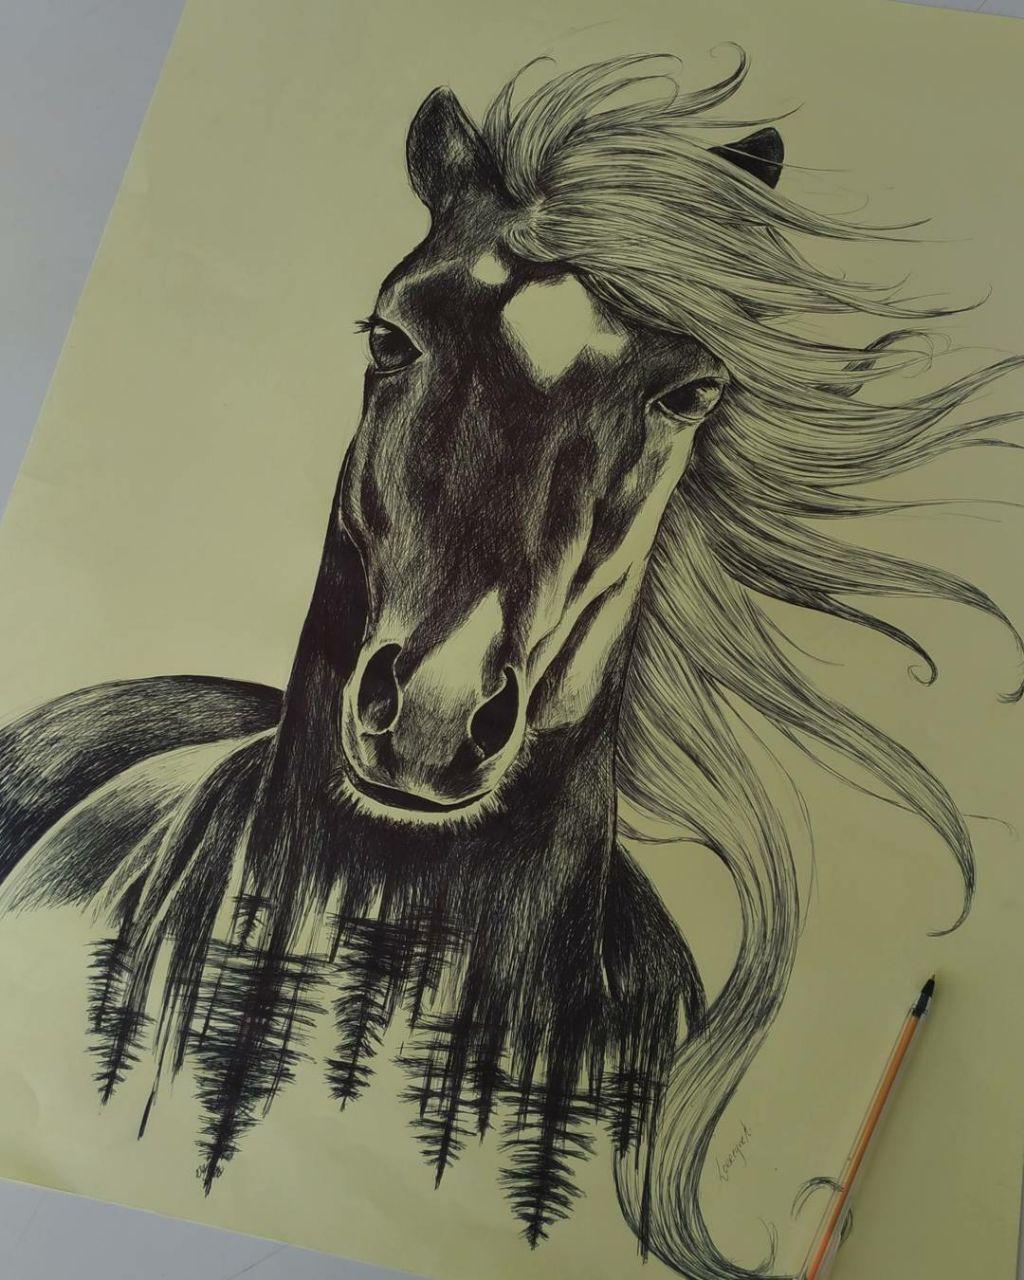 Desenho Feito Com Caneta Bic Cavalo Realista Arte Pintura Com